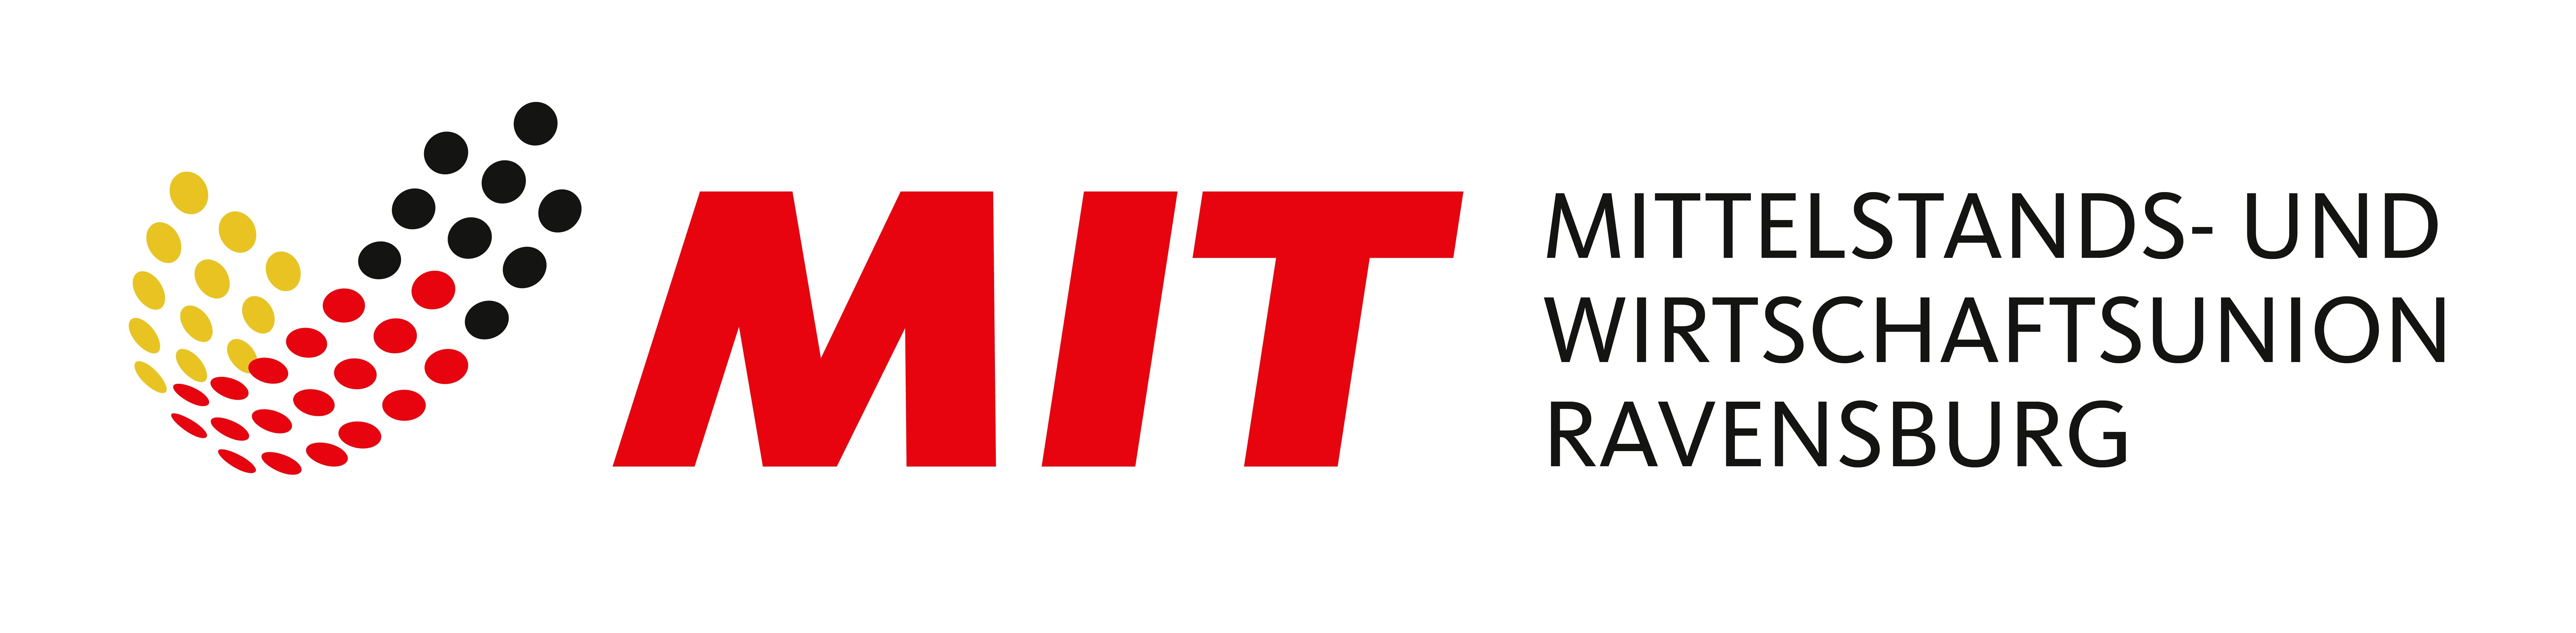 Logo der Mittelstands- und Wirtschaftsunion Ravensburg